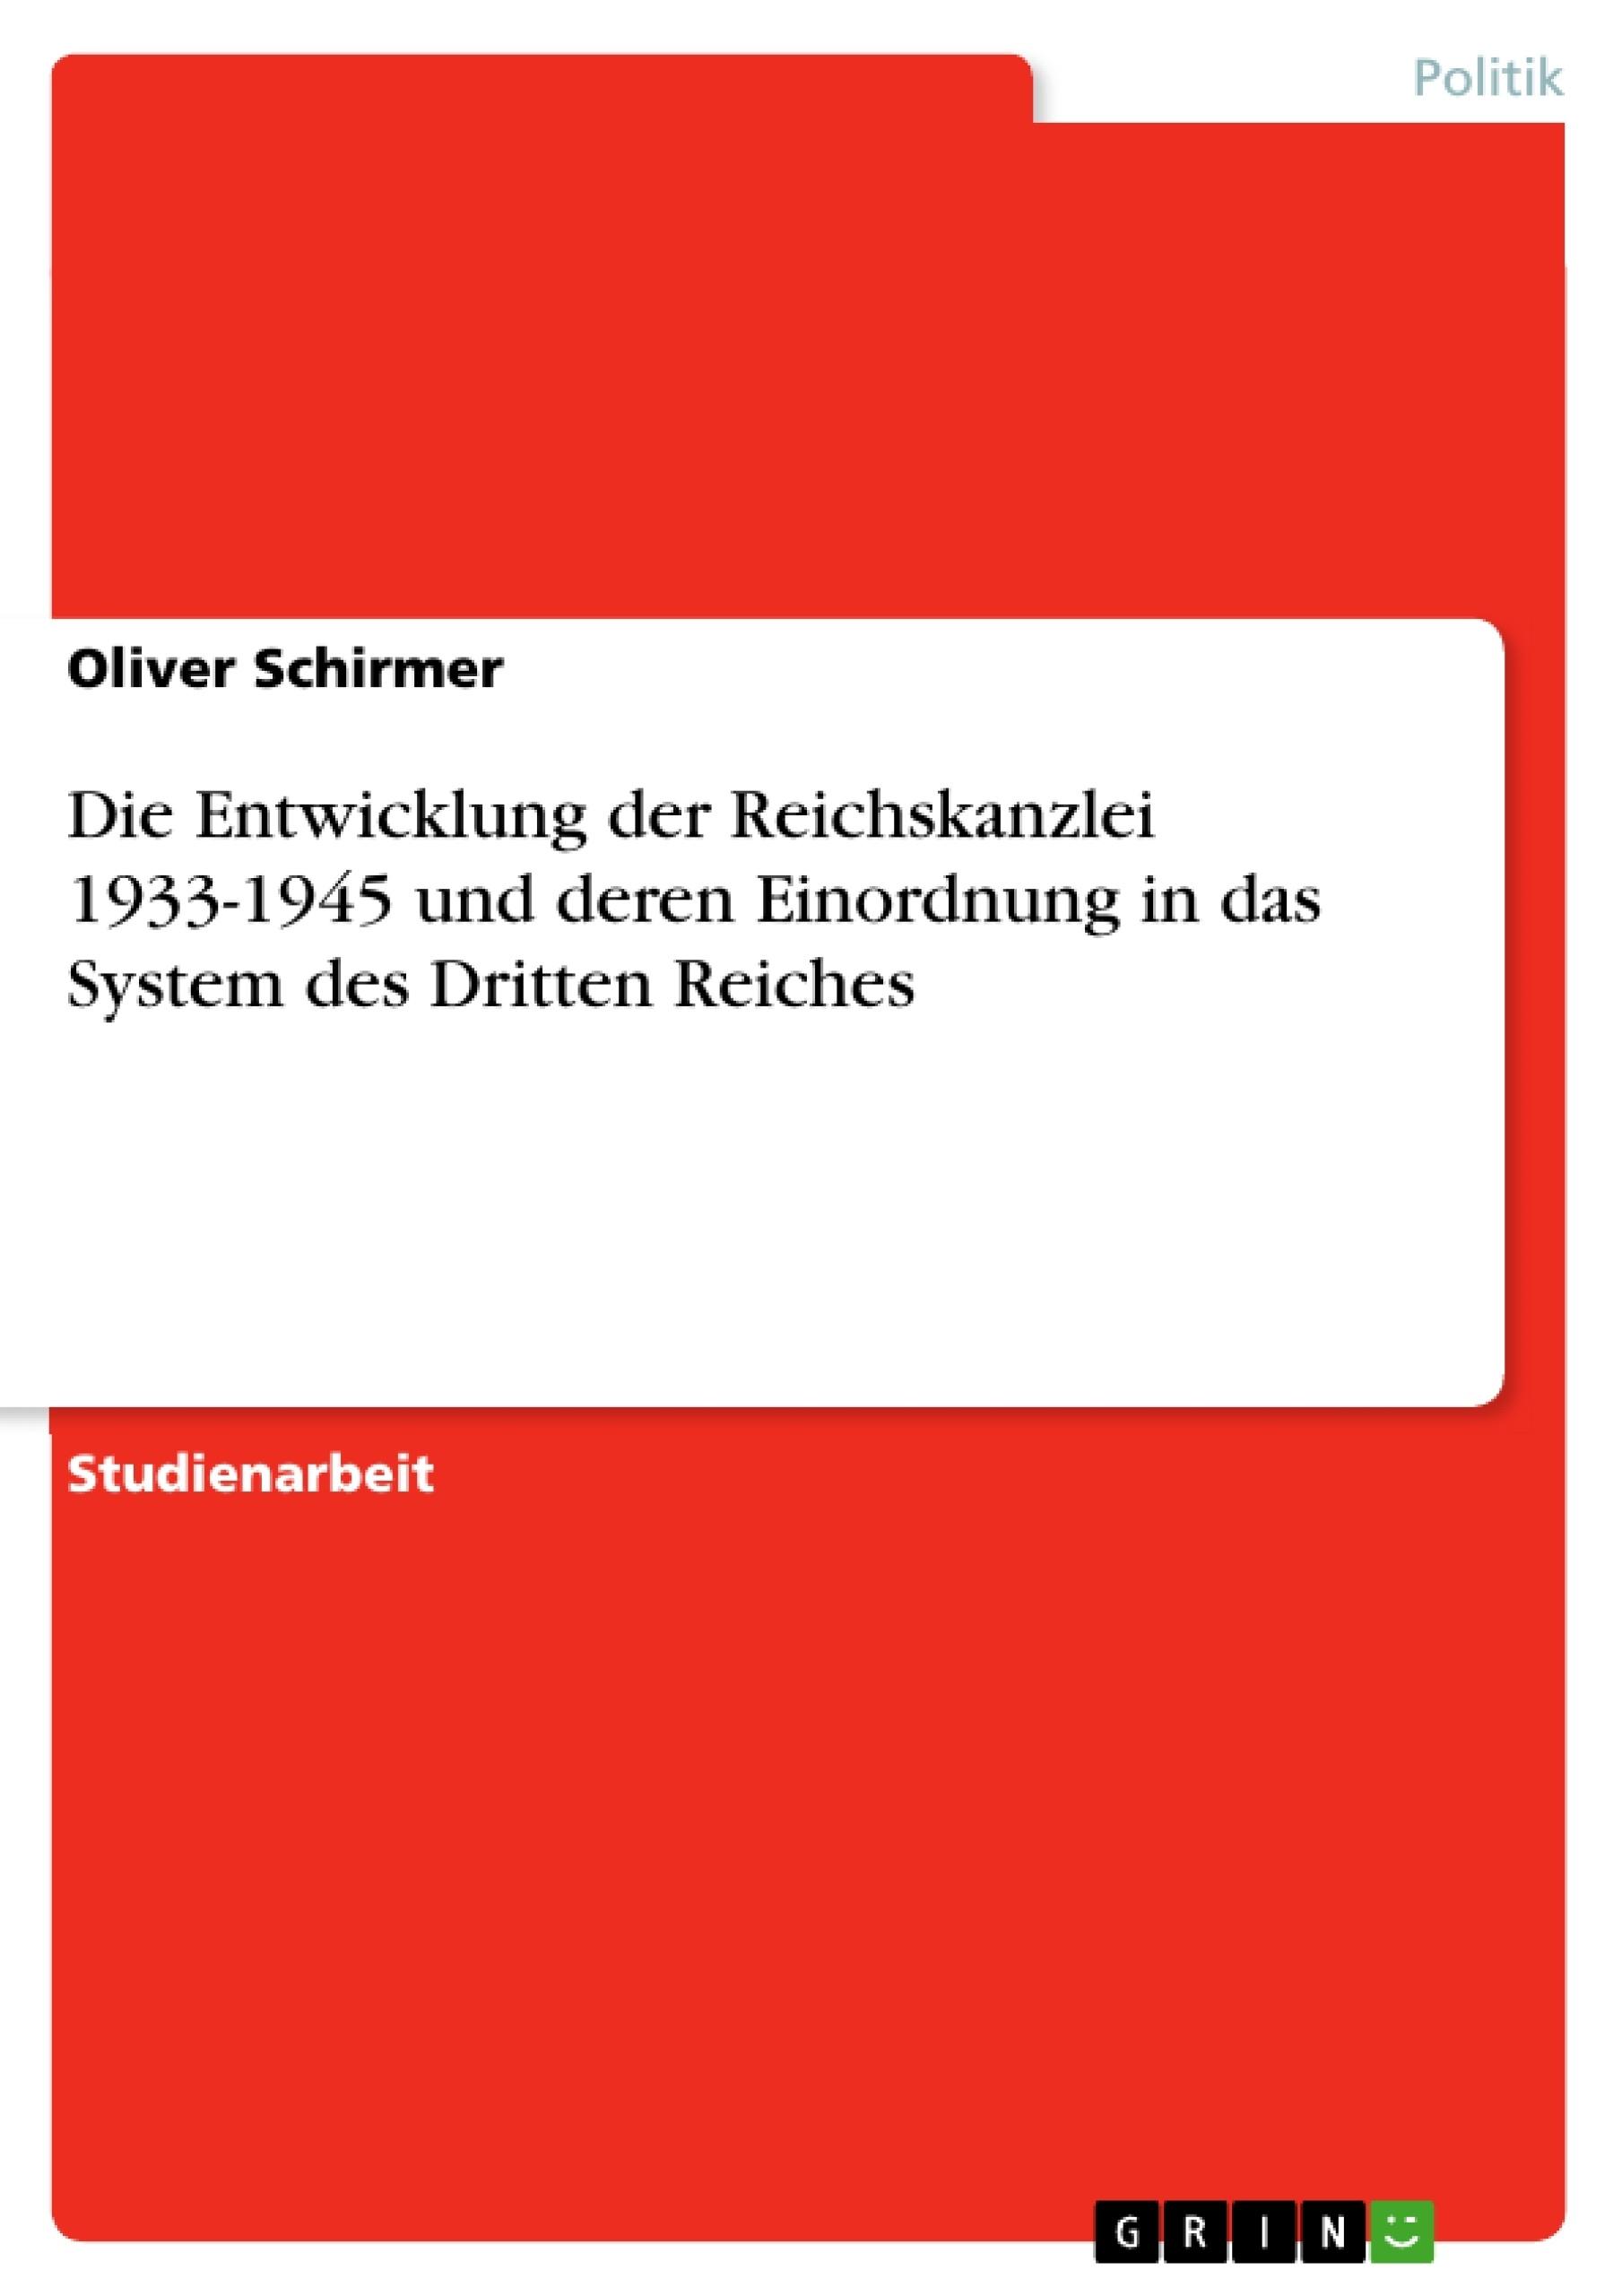 Titel: Die Entwicklung der Reichskanzlei 1933-1945 und deren Einordnung in das System des Dritten Reiches